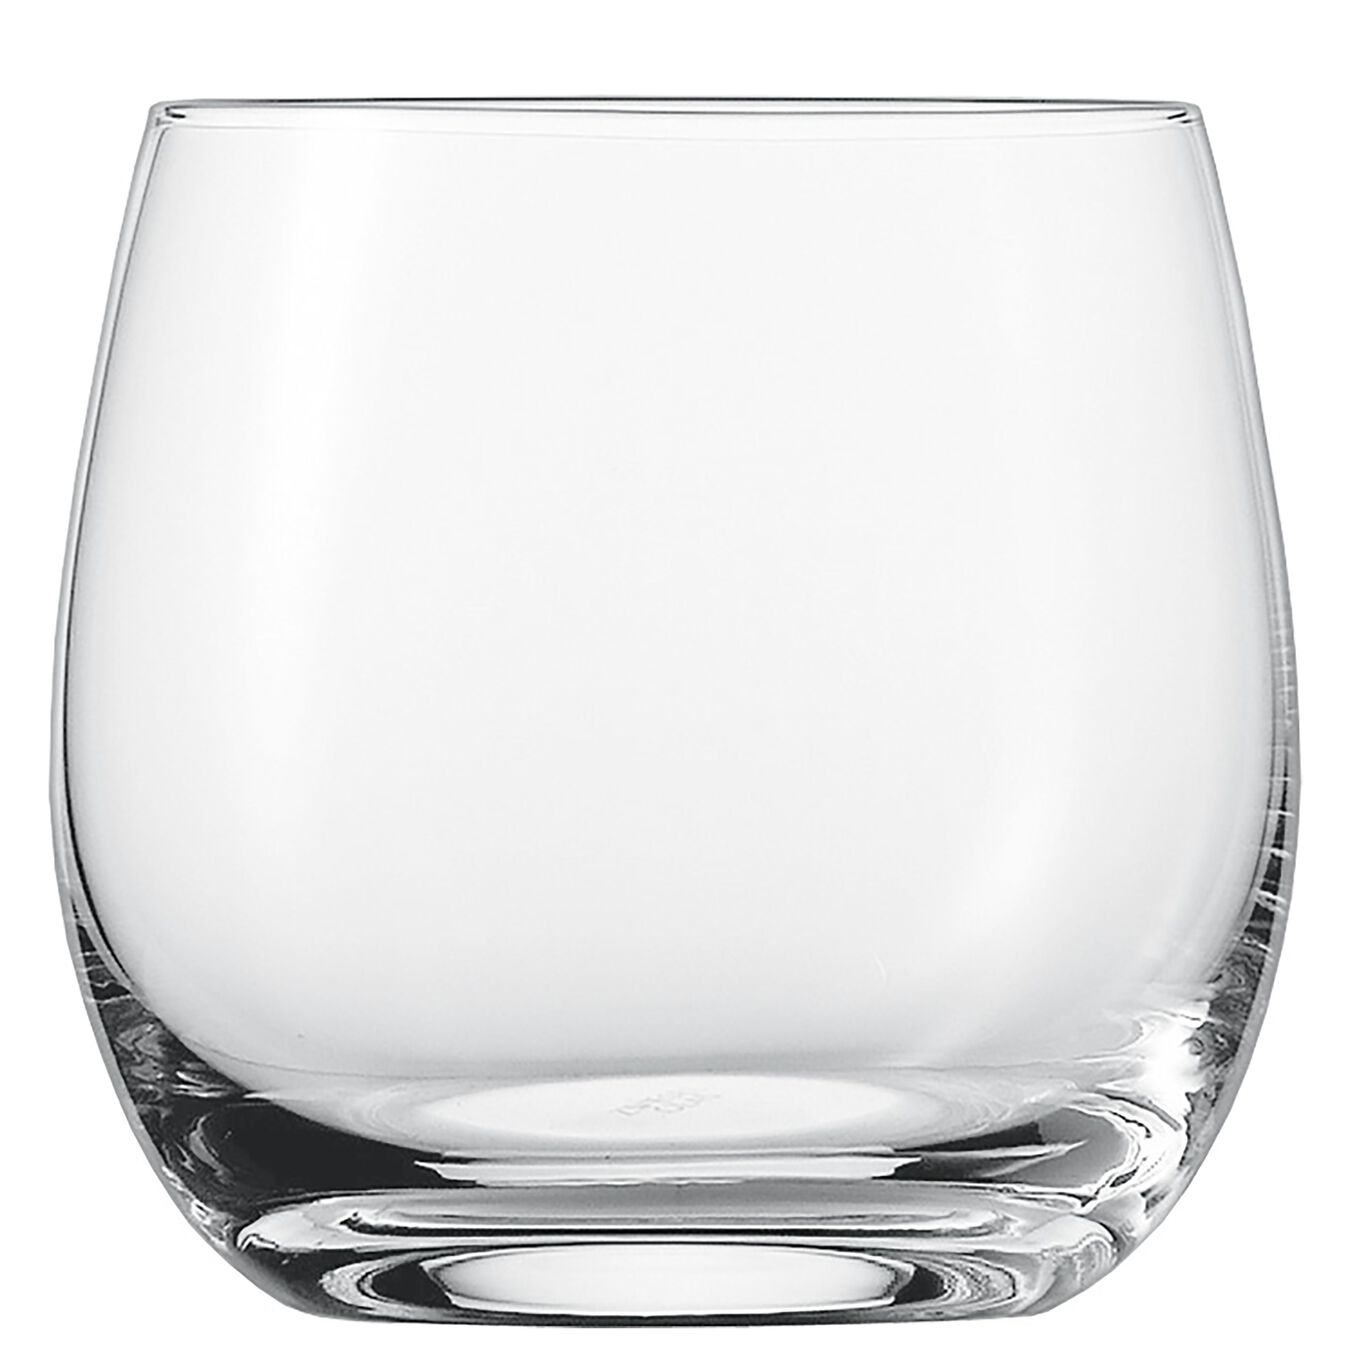 Su Bardağı, 340 ml,,large 1